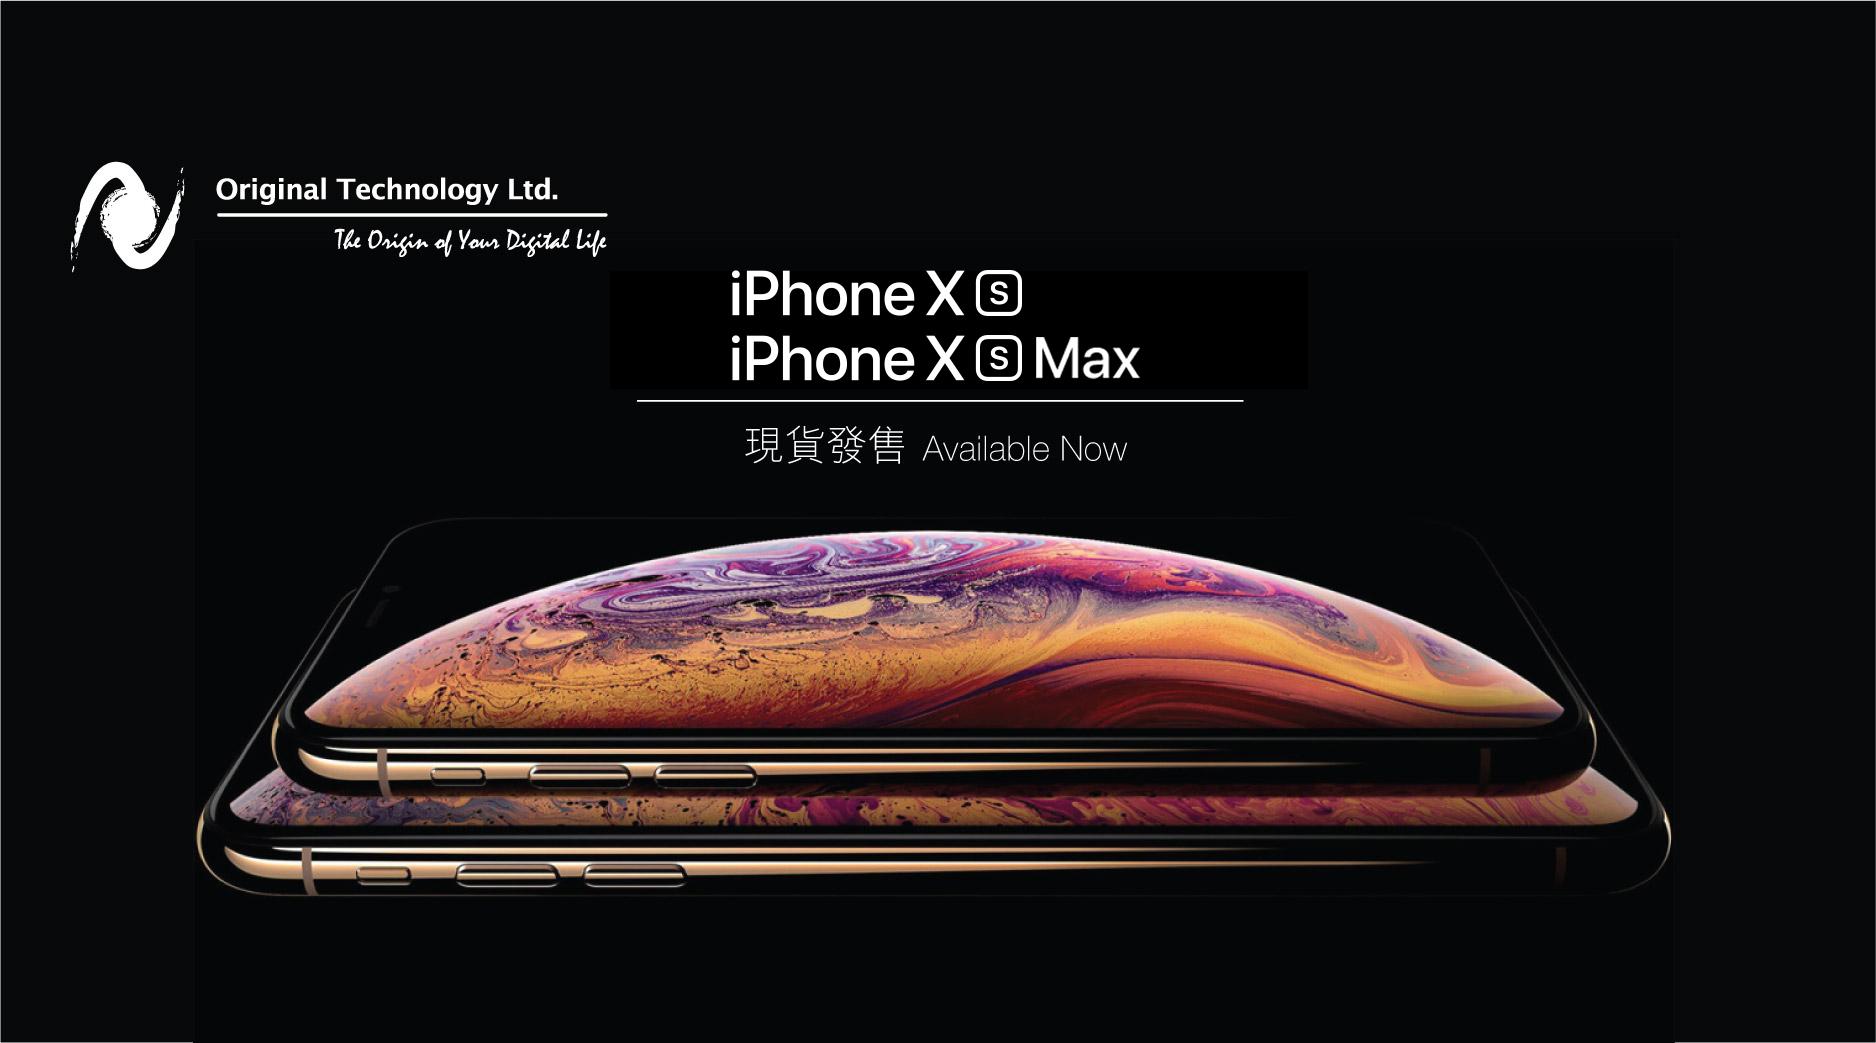 NA01_iPhoneXS_900x500_2.35_1_02_WeChat_Case.jpg